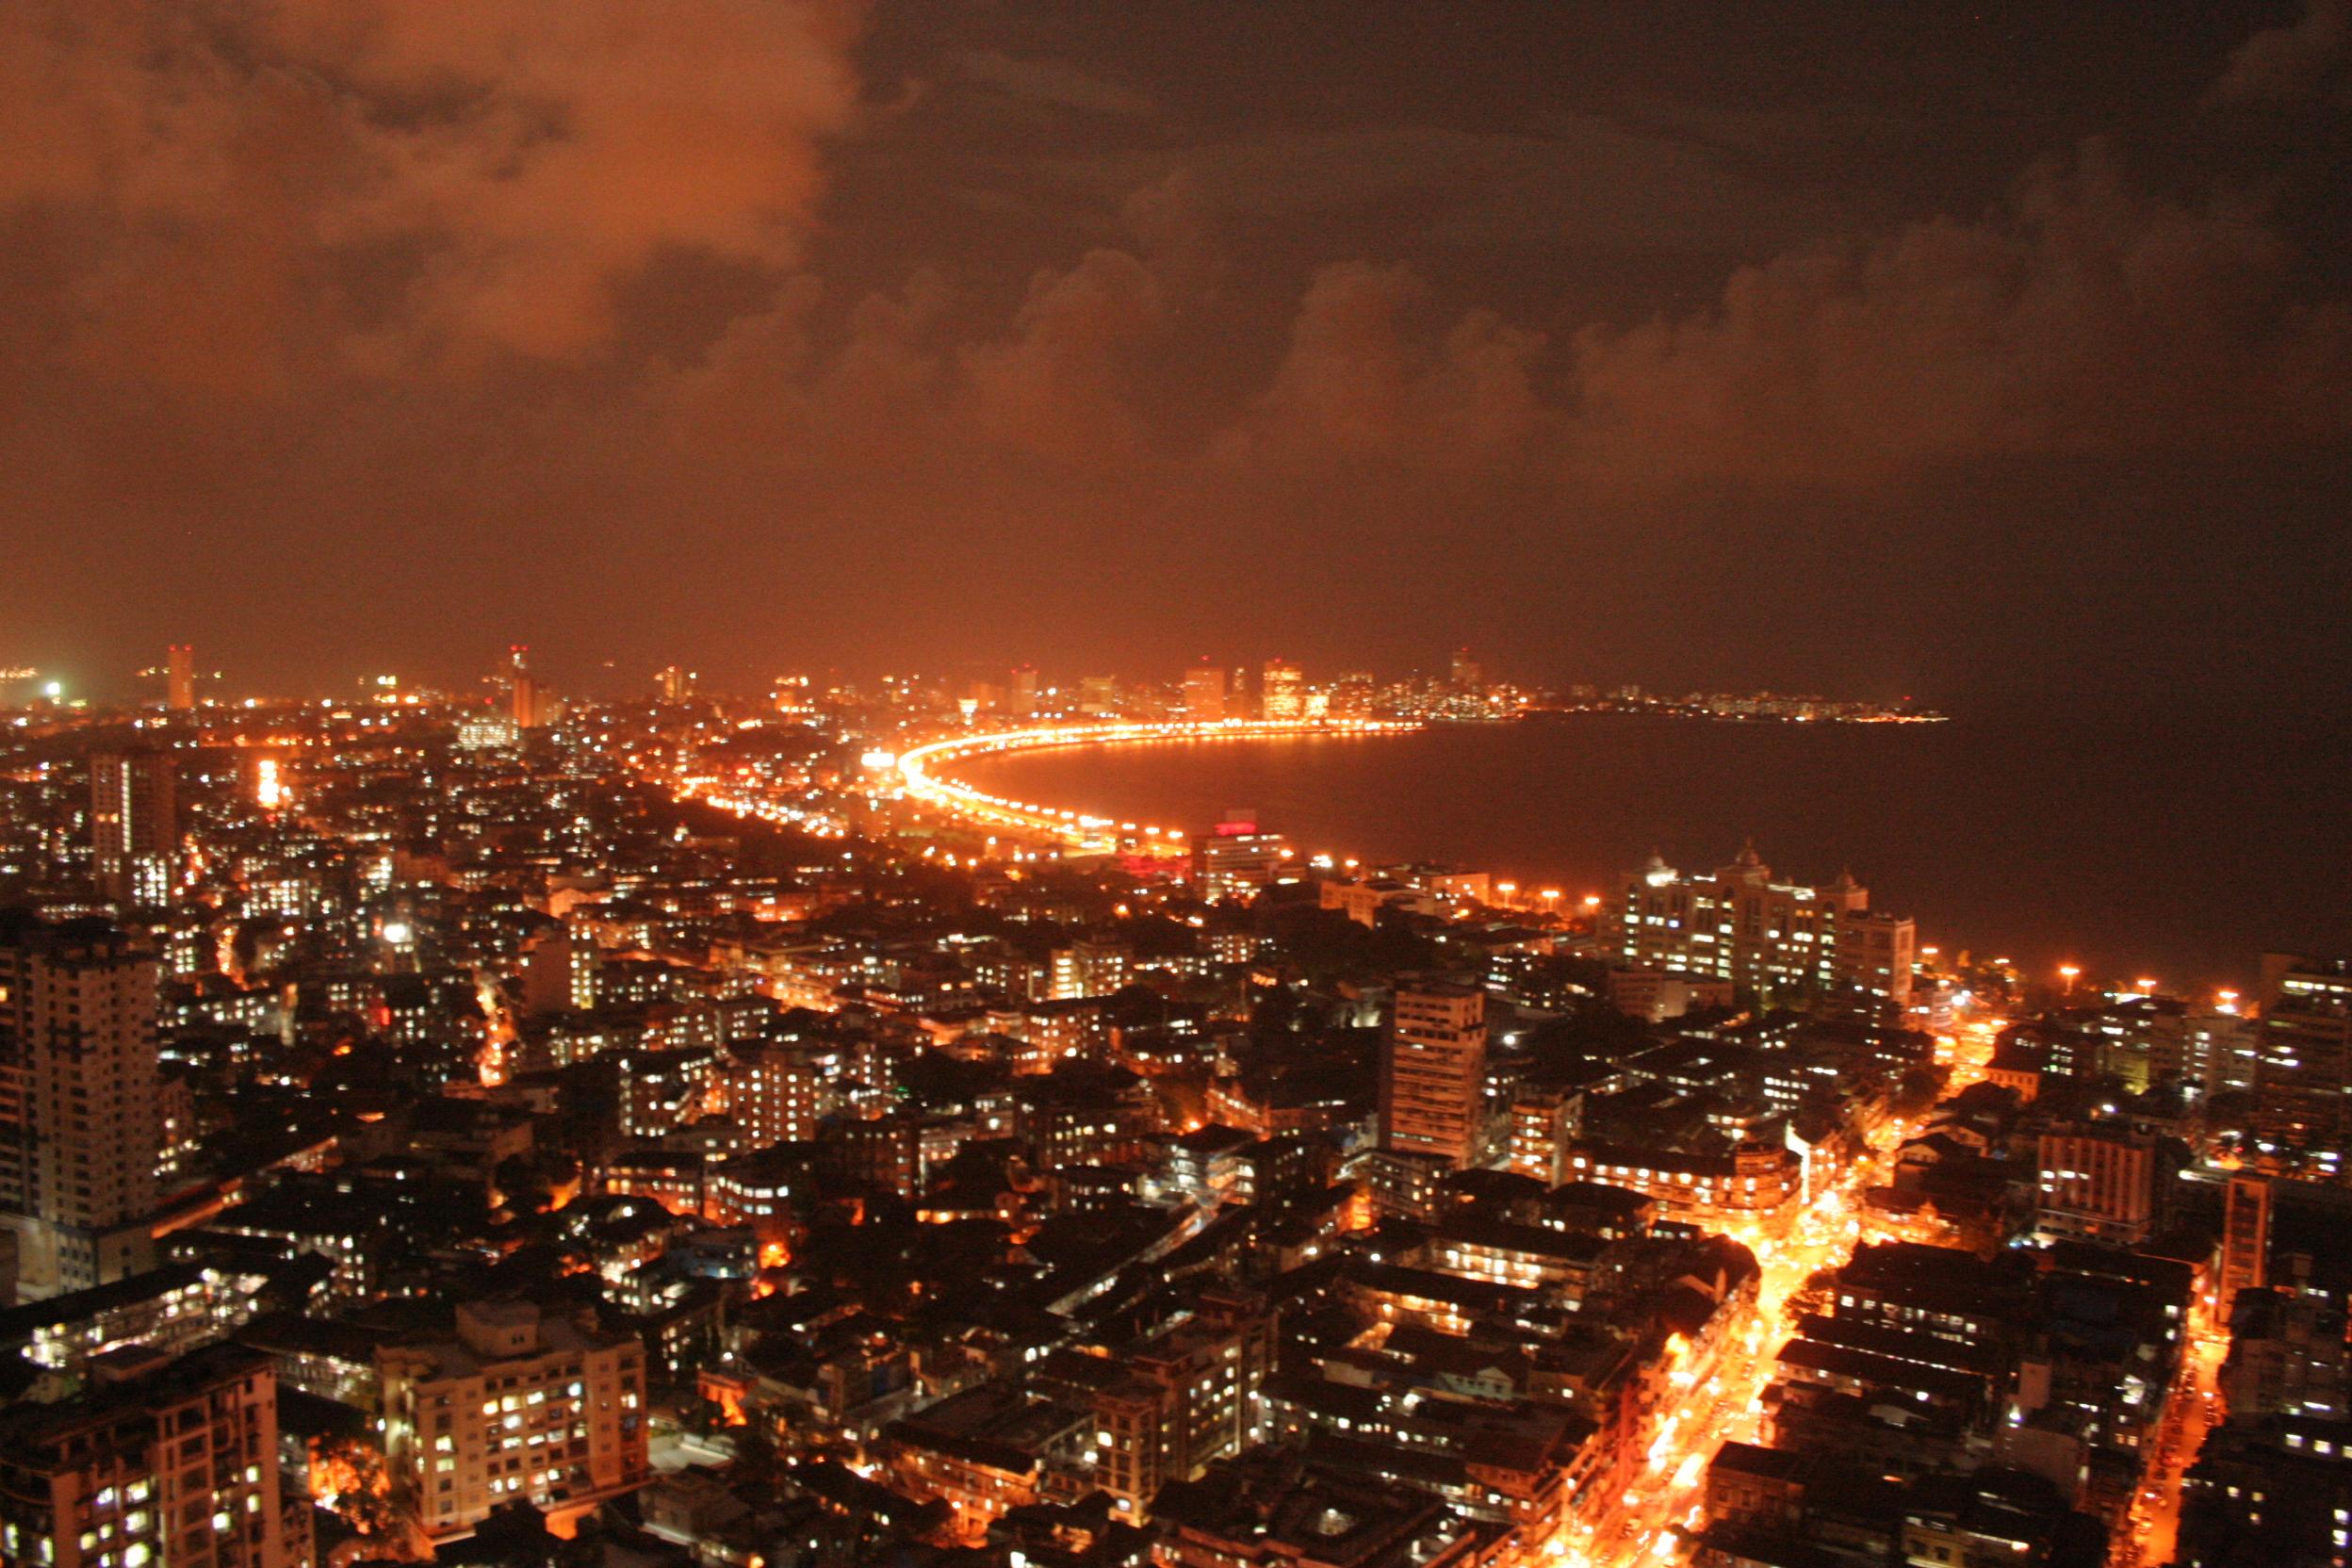 Großstadt - Eine ansteckende Krankheit